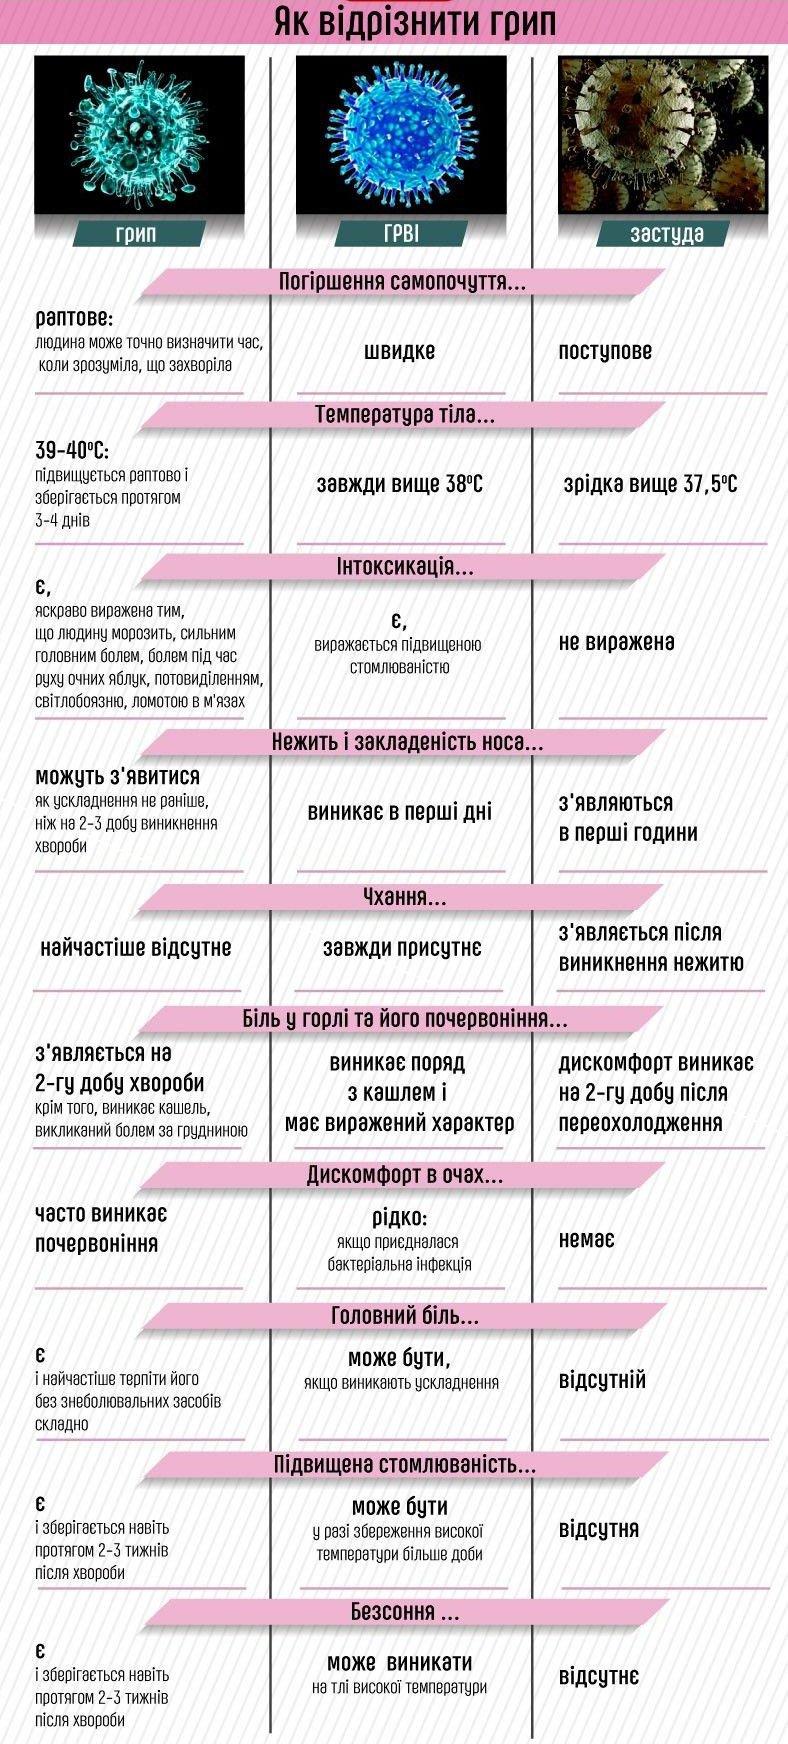 До уваги закарпатців: як відрізнити грип від ГРВІ і застуди (ІНФОГРАФІКА), фото-1